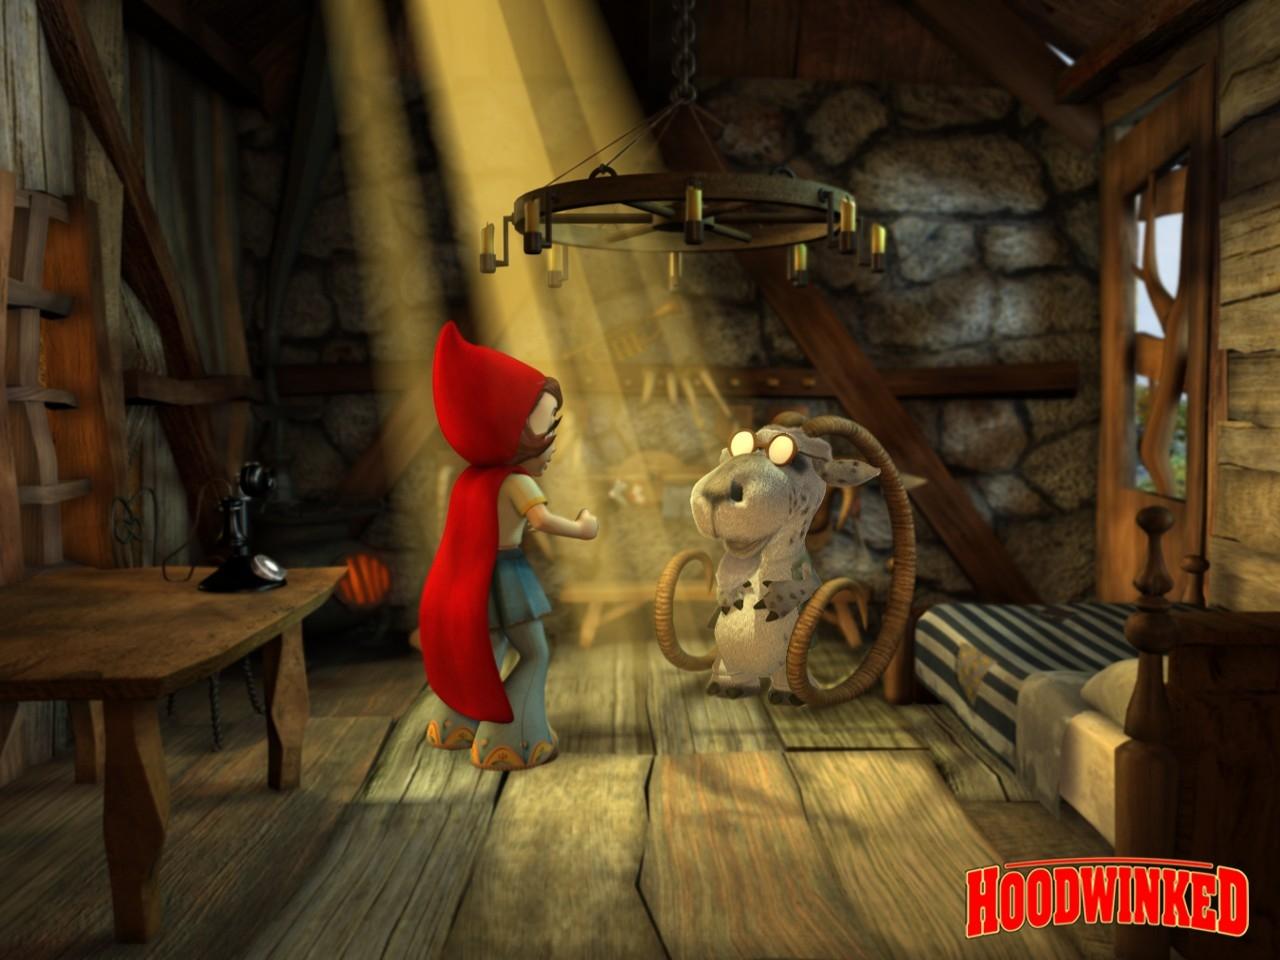 Wallpaper del film Cappuccetto rosso e gli insoliti sospetti